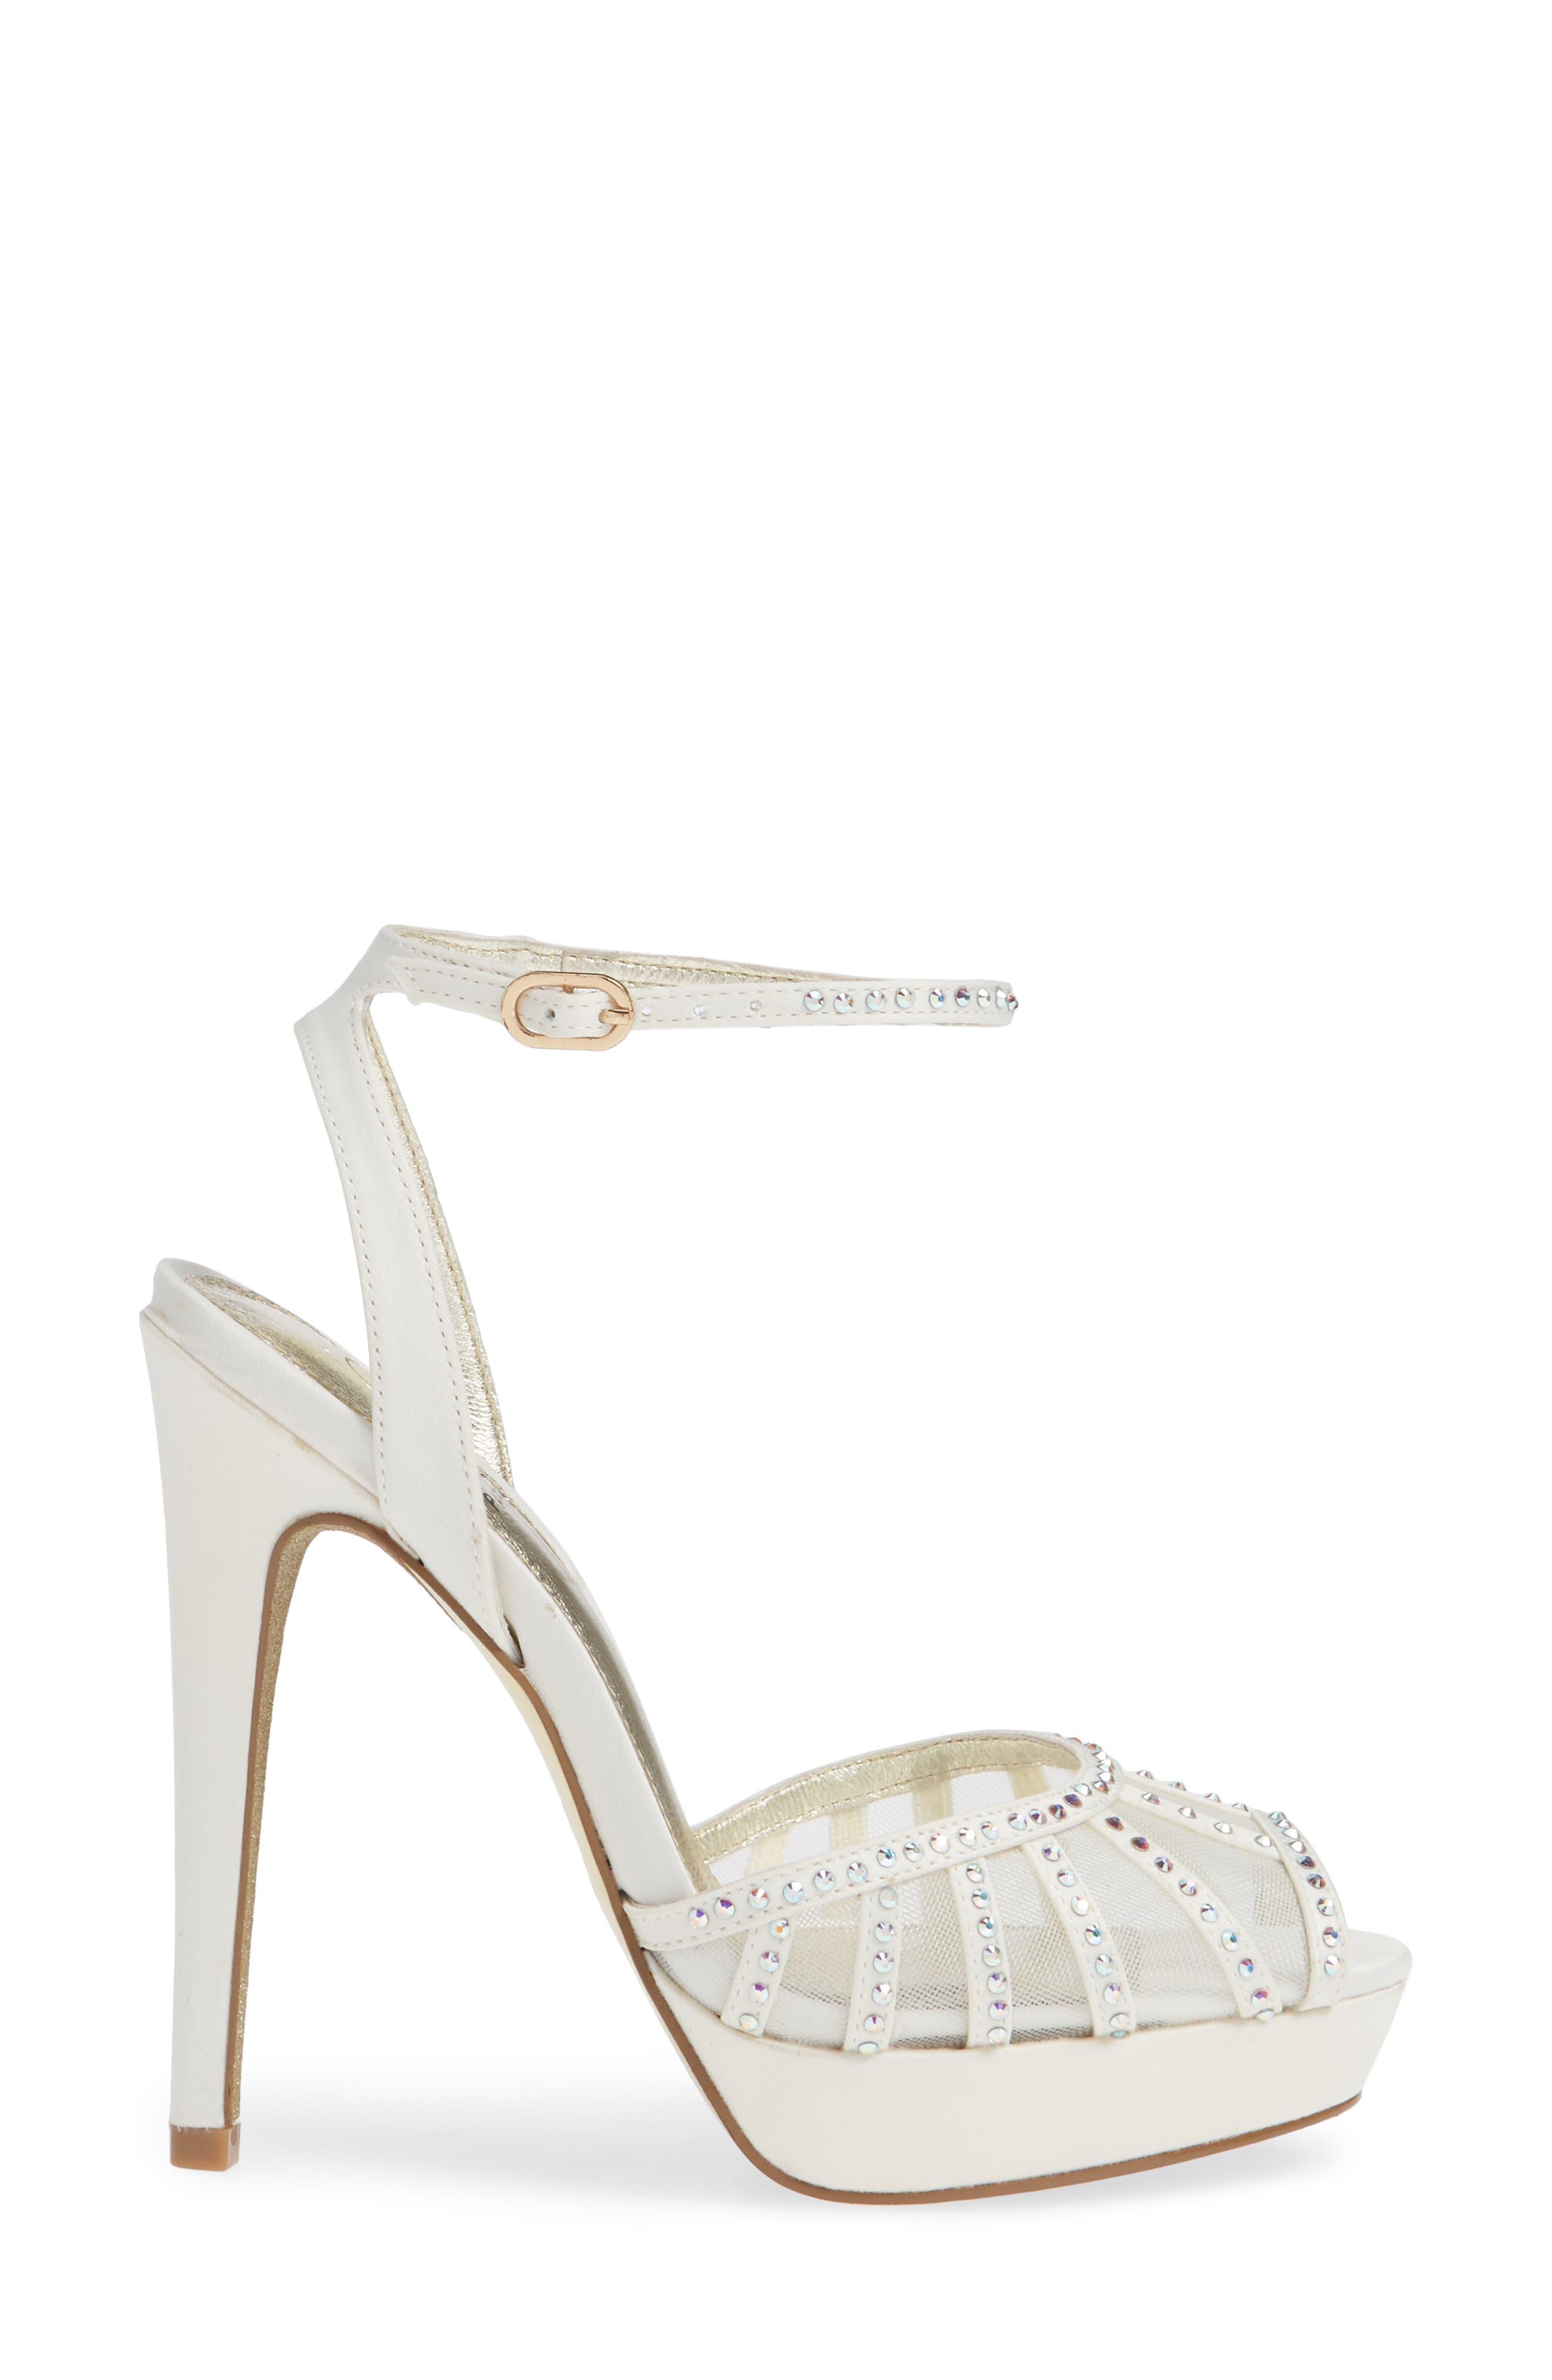 Simone Crystal Embellished Platform Sandal,                             Alternate thumbnail 12, color,